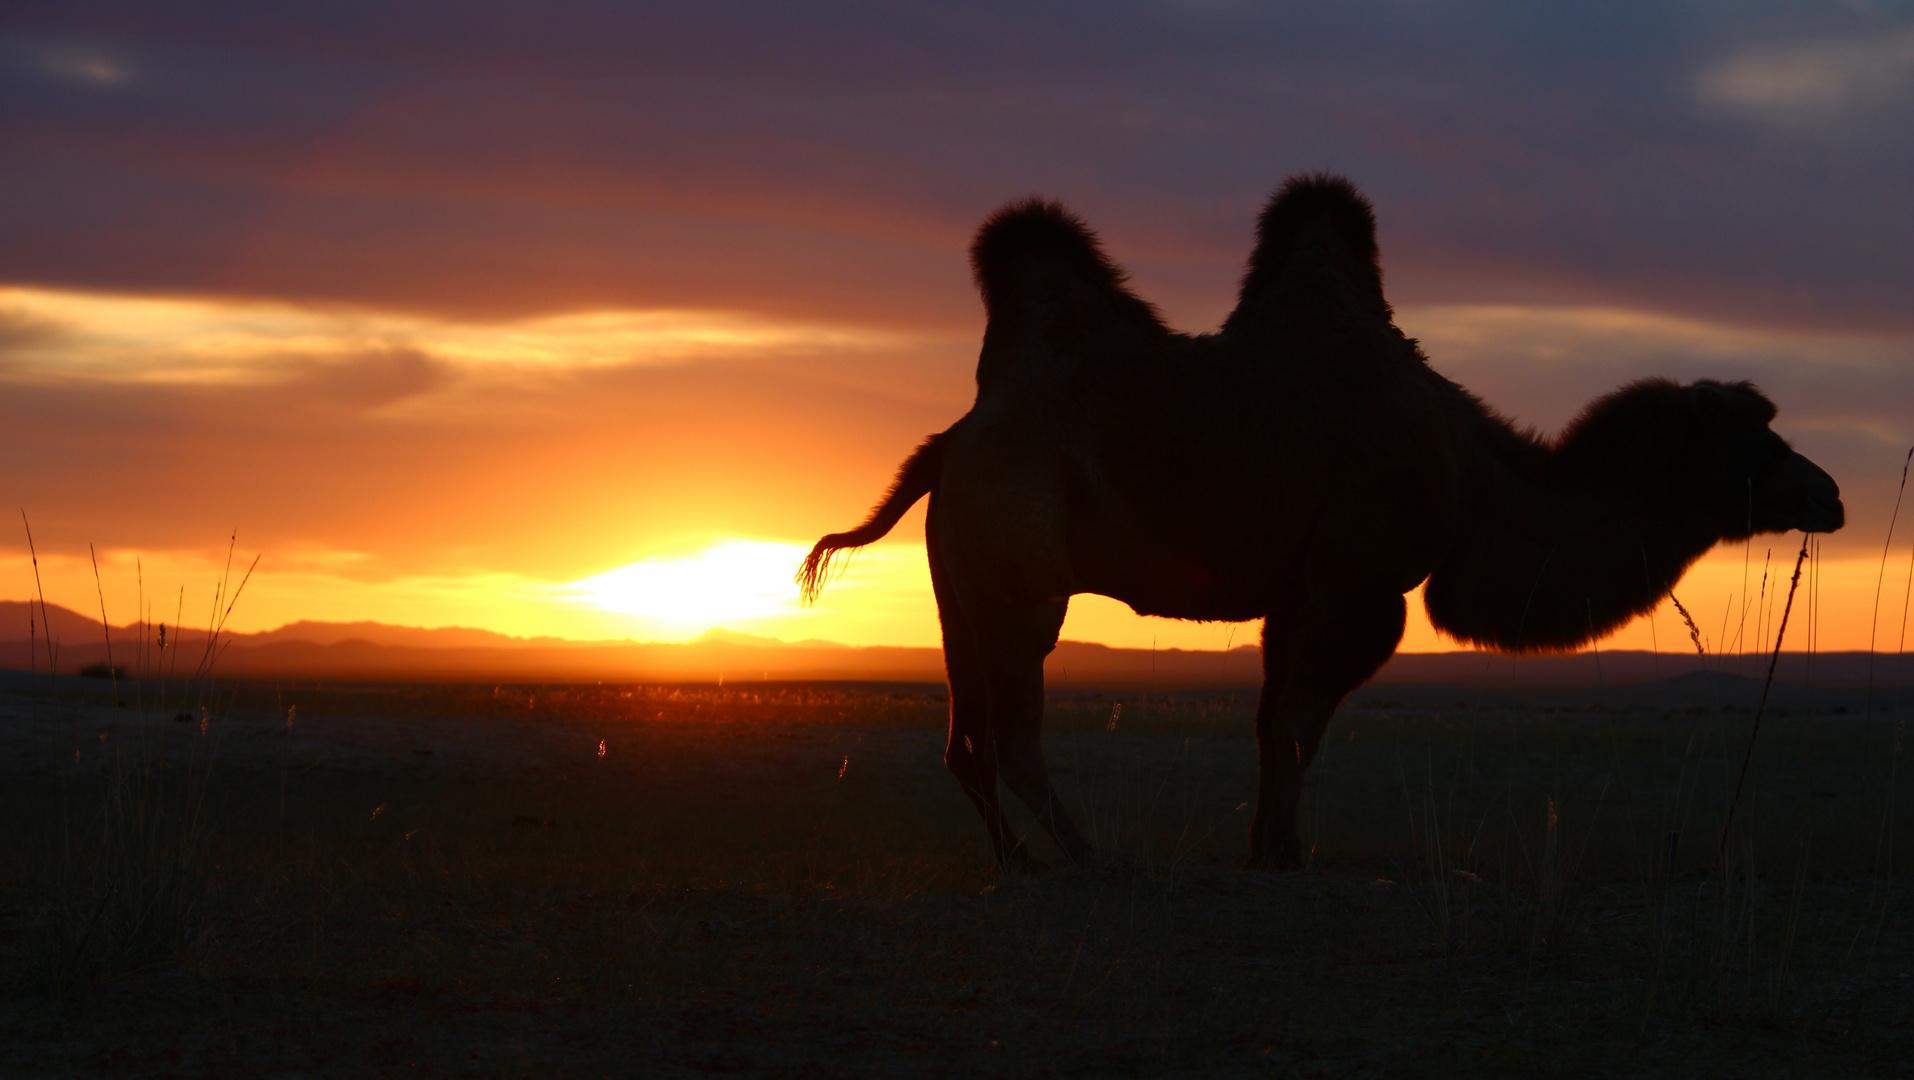 Sonnenaufgang in der Mongolei I